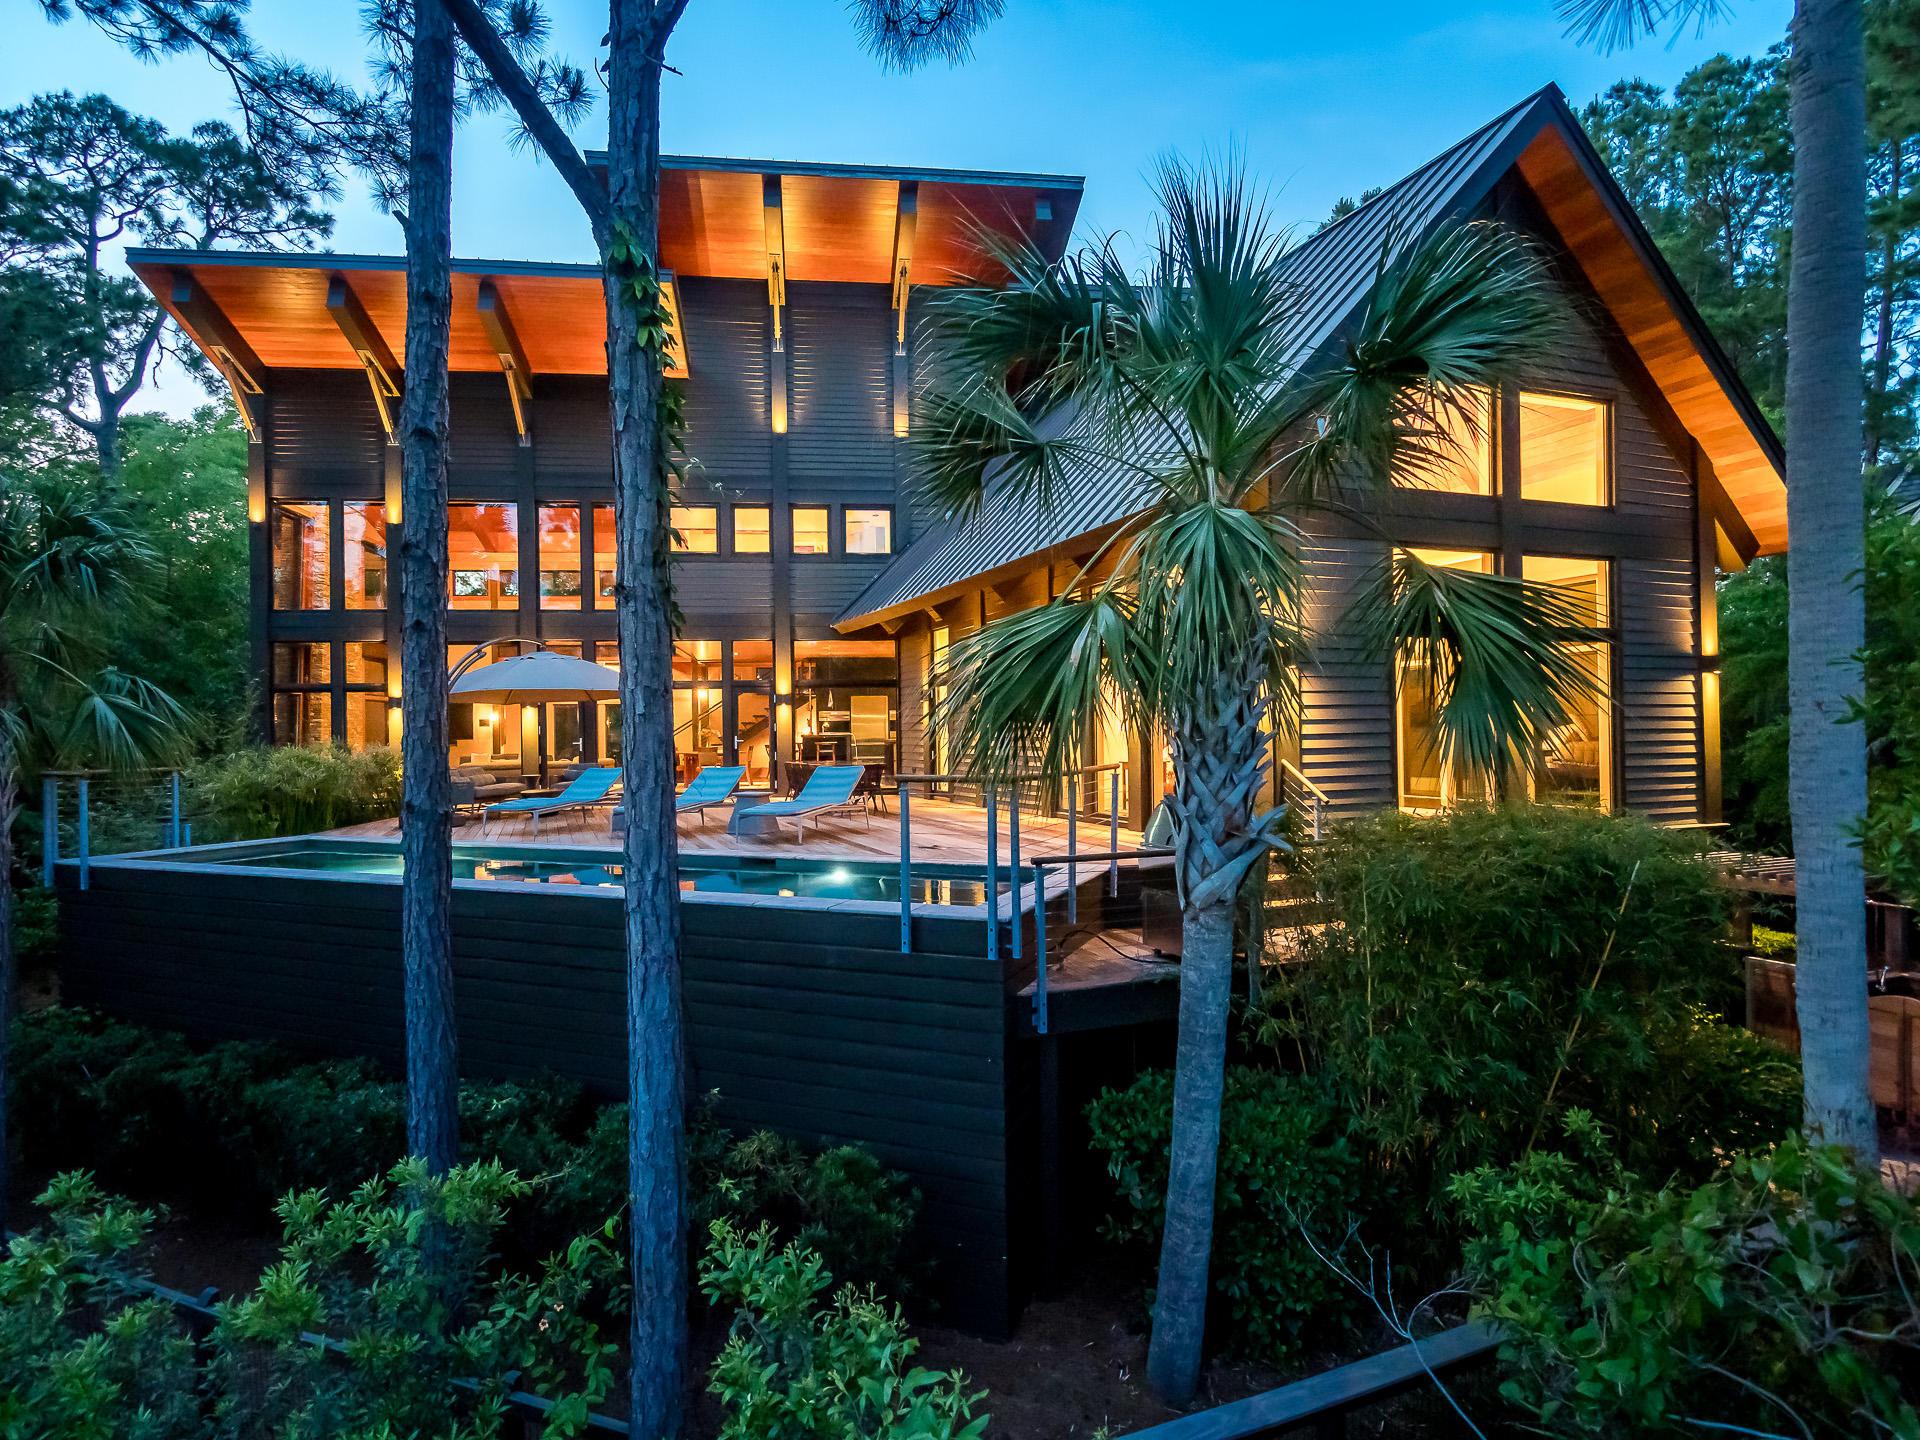 Kiawah Island Homes For Sale - 102 Blue Heron Pond, Kiawah Island, SC - 12